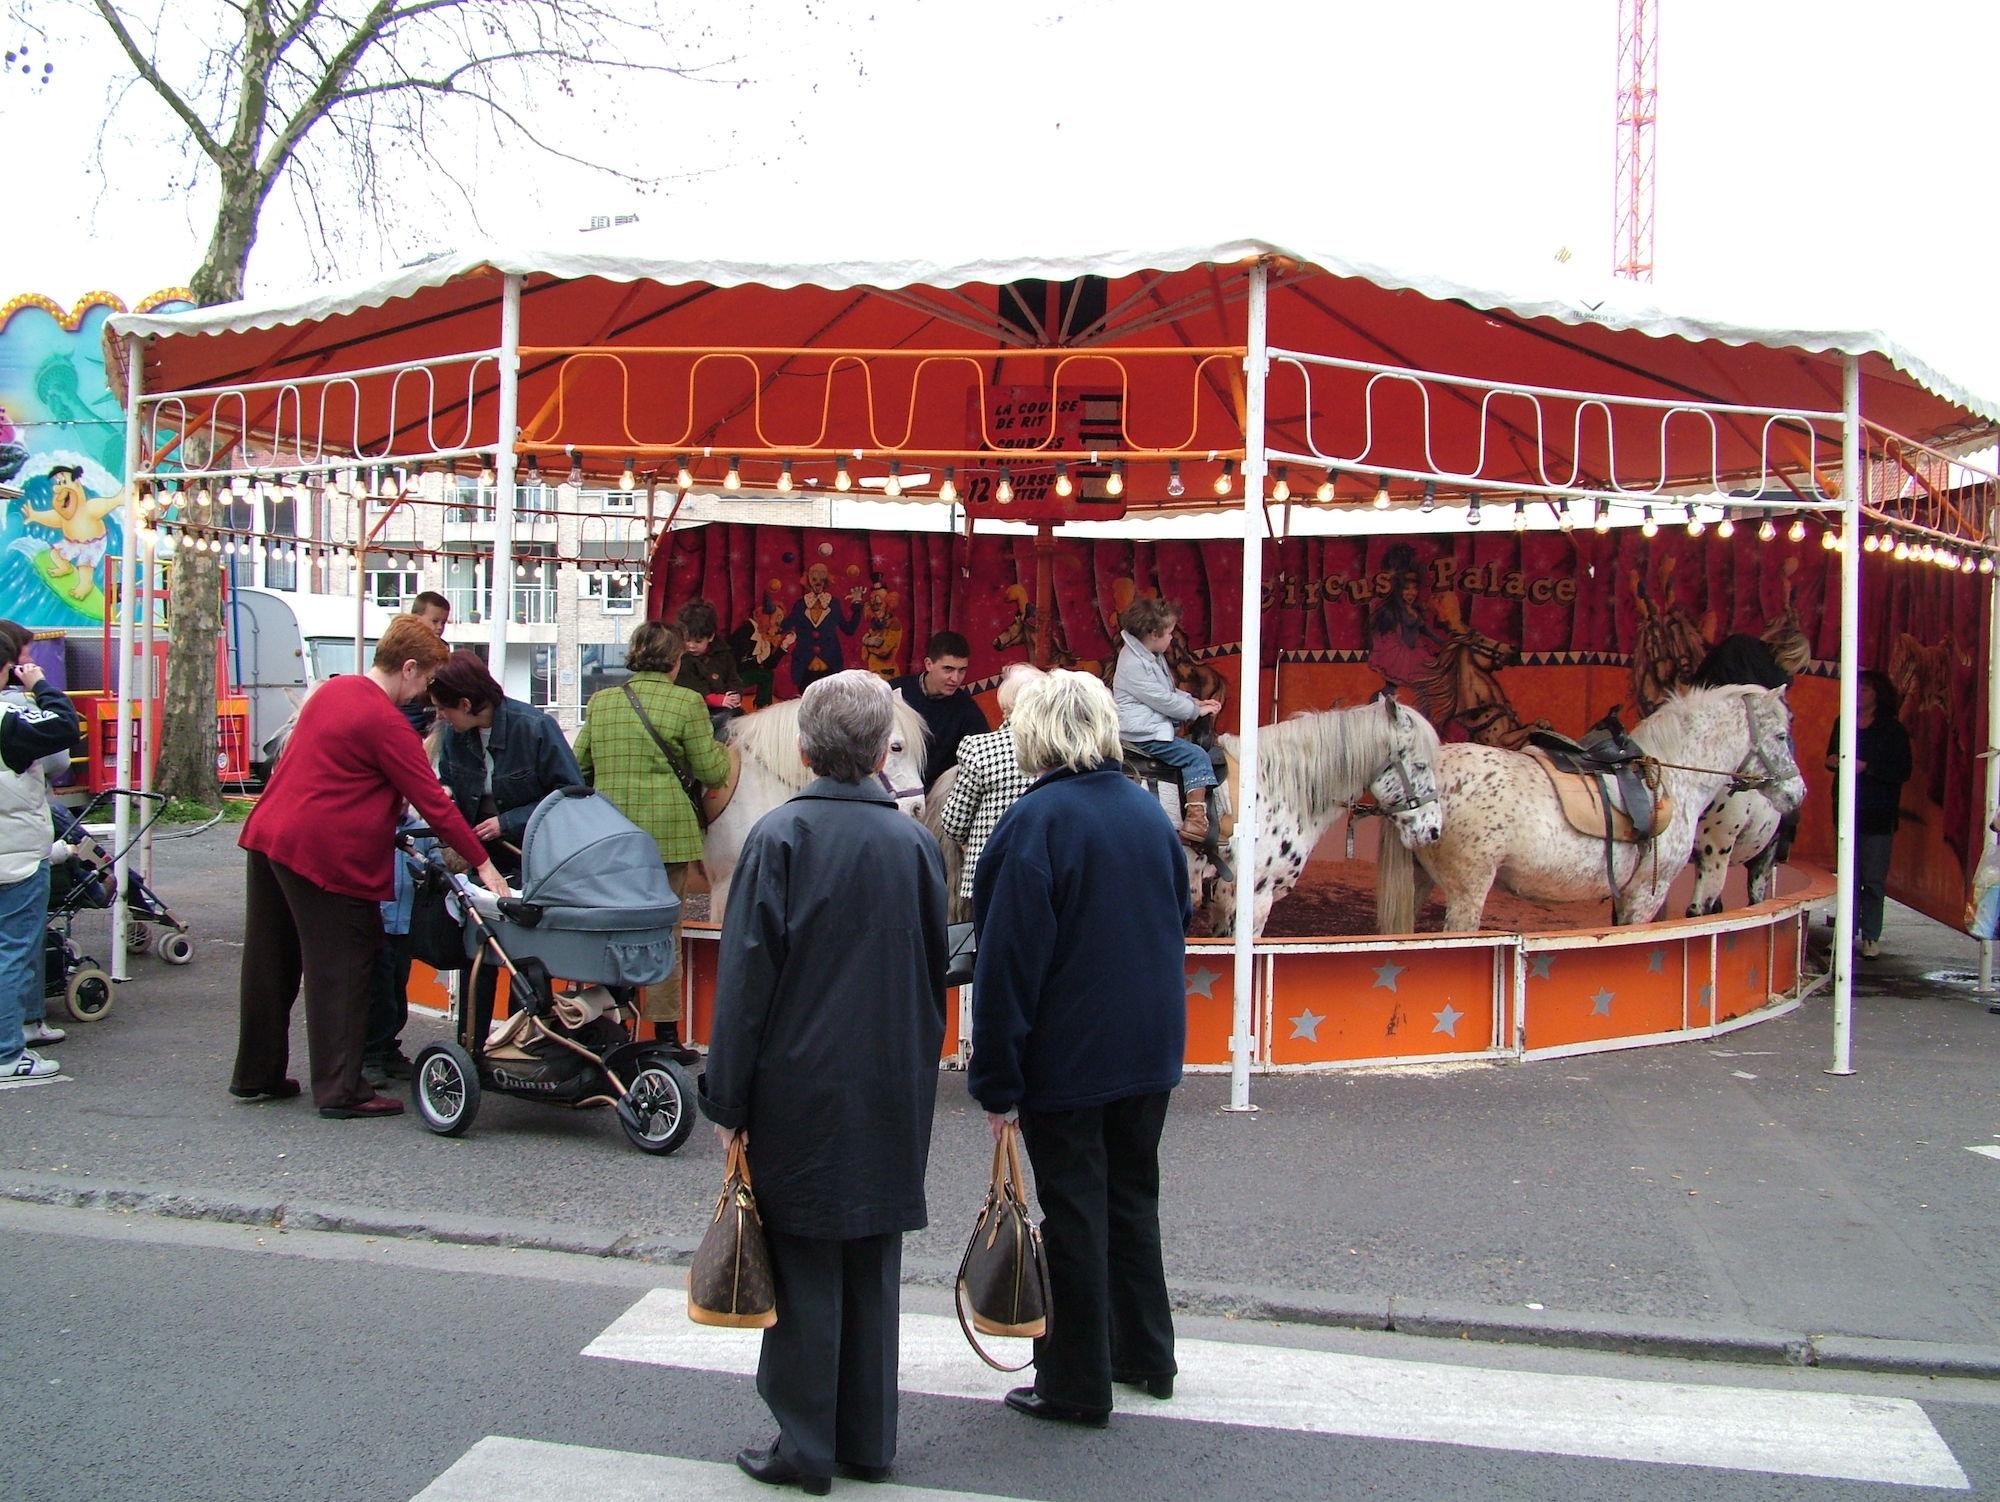 Paasfoor2004